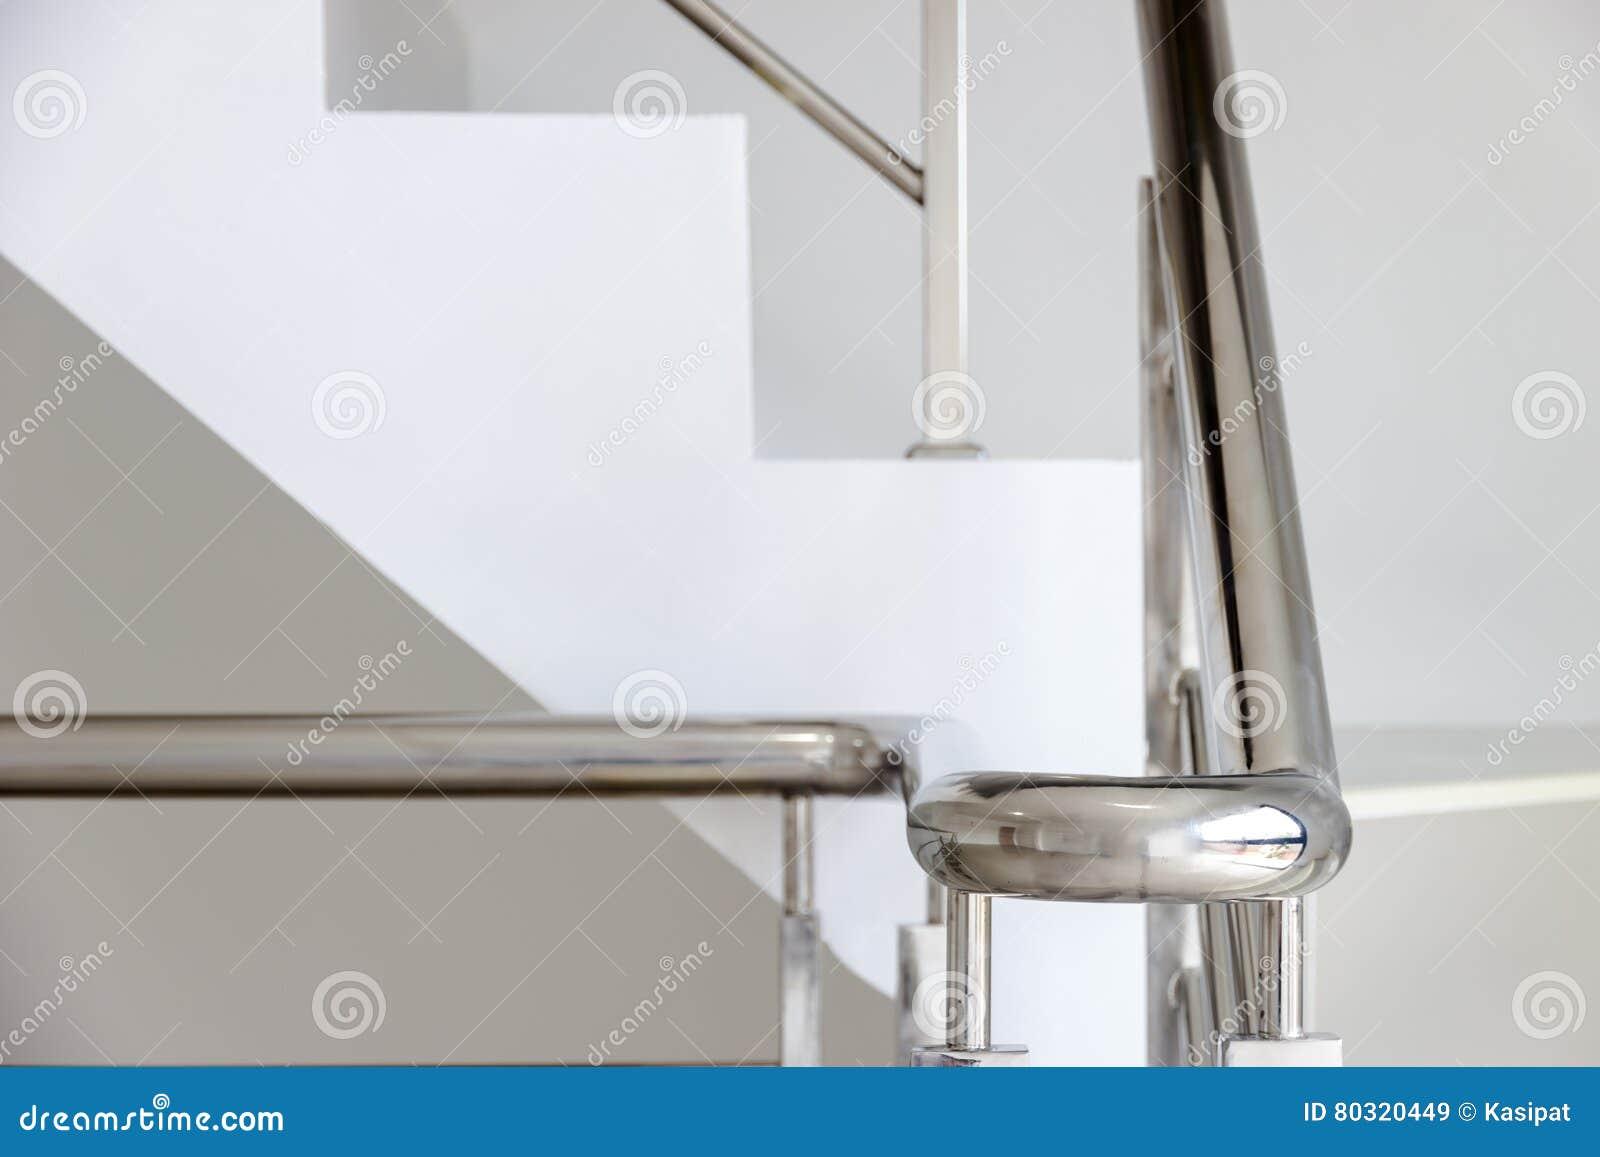 不锈钢扶手栏杆